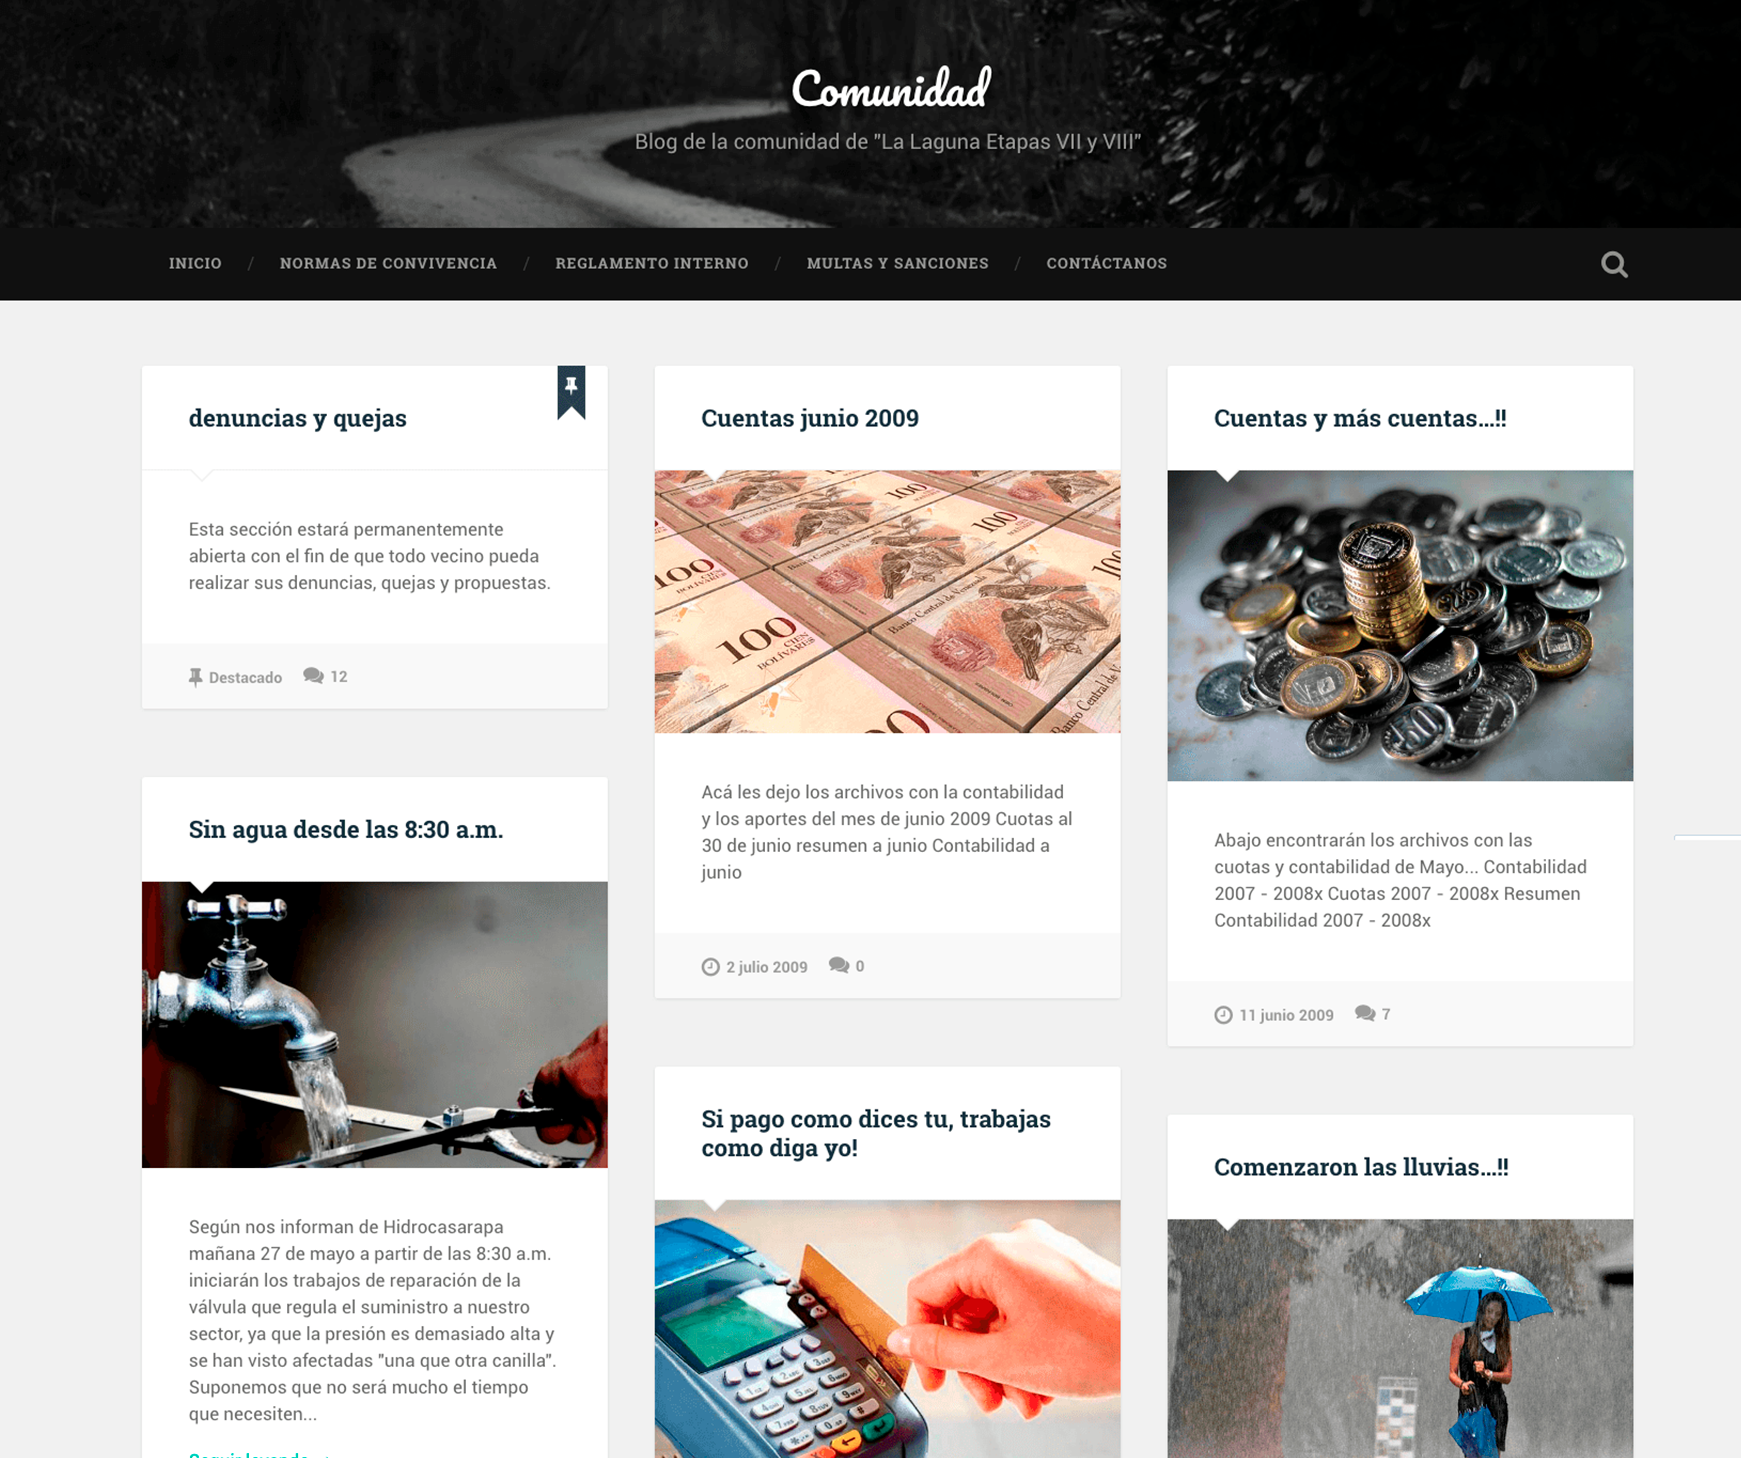 Comunidad - Blog